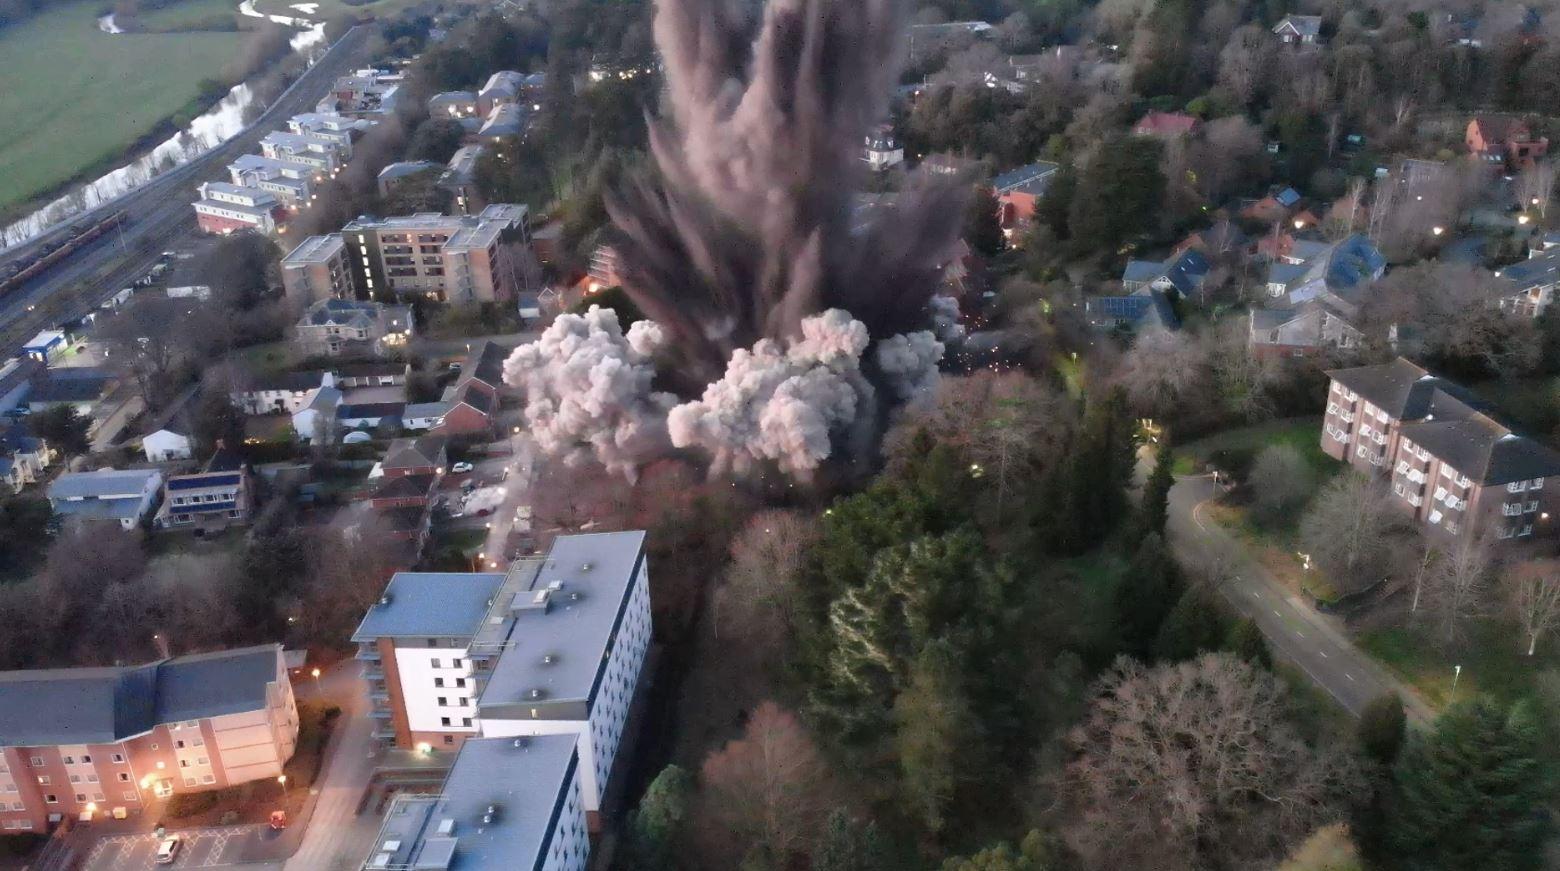 Explosión de bomba de la segunda guerra mundial sacudió a pueblo en Inglaterra